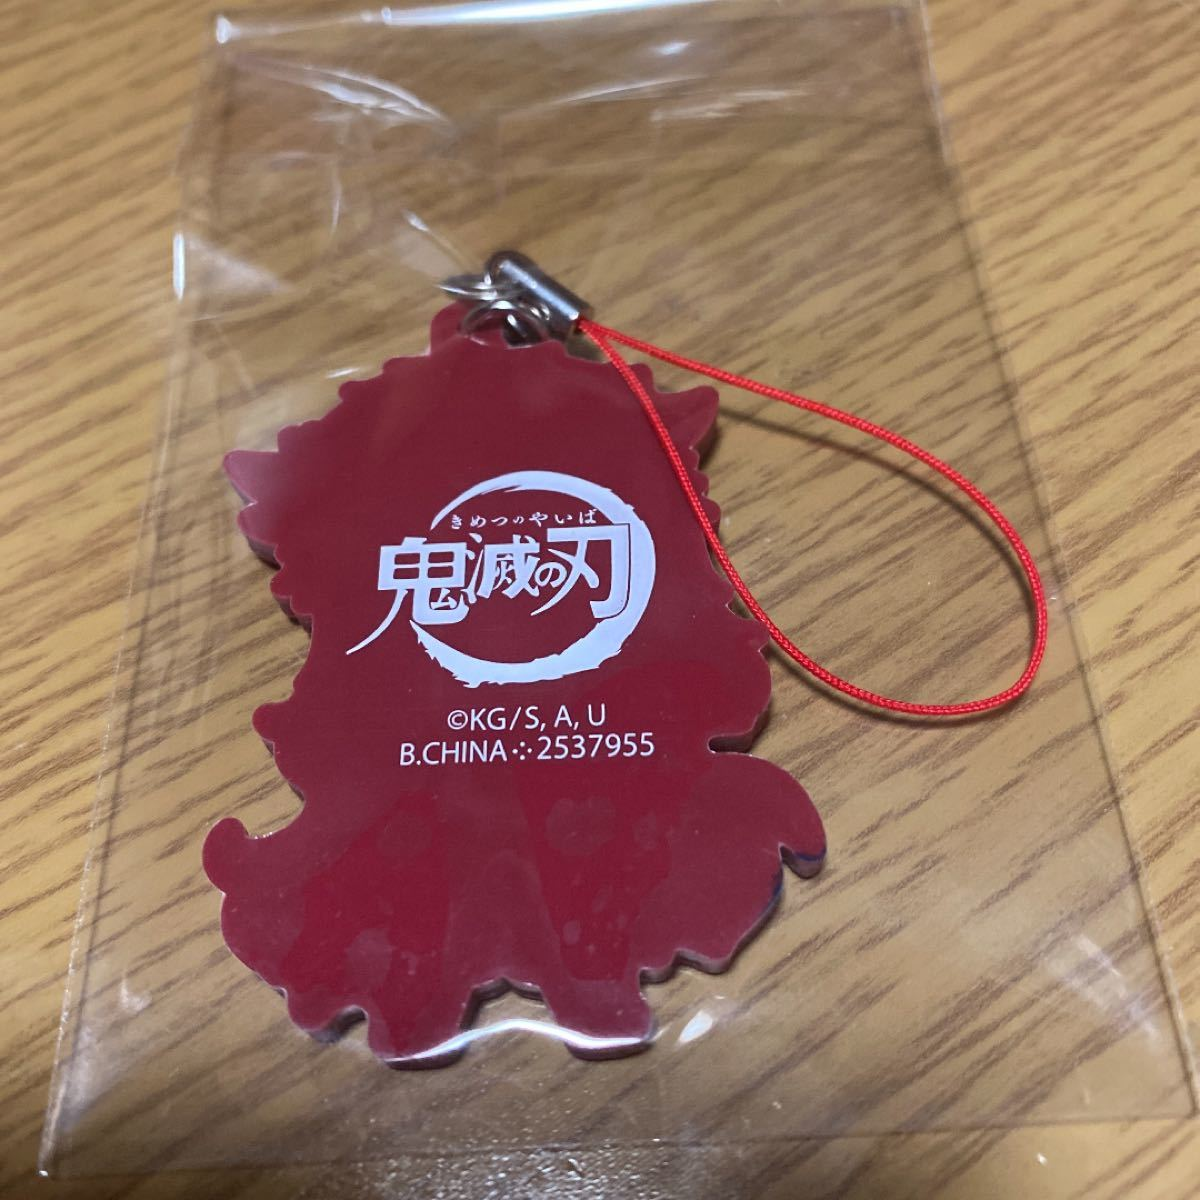 鬼滅の刃 滅!カプセルラバーマスコット3 煉獄杏寿郎 ラバーストラップ